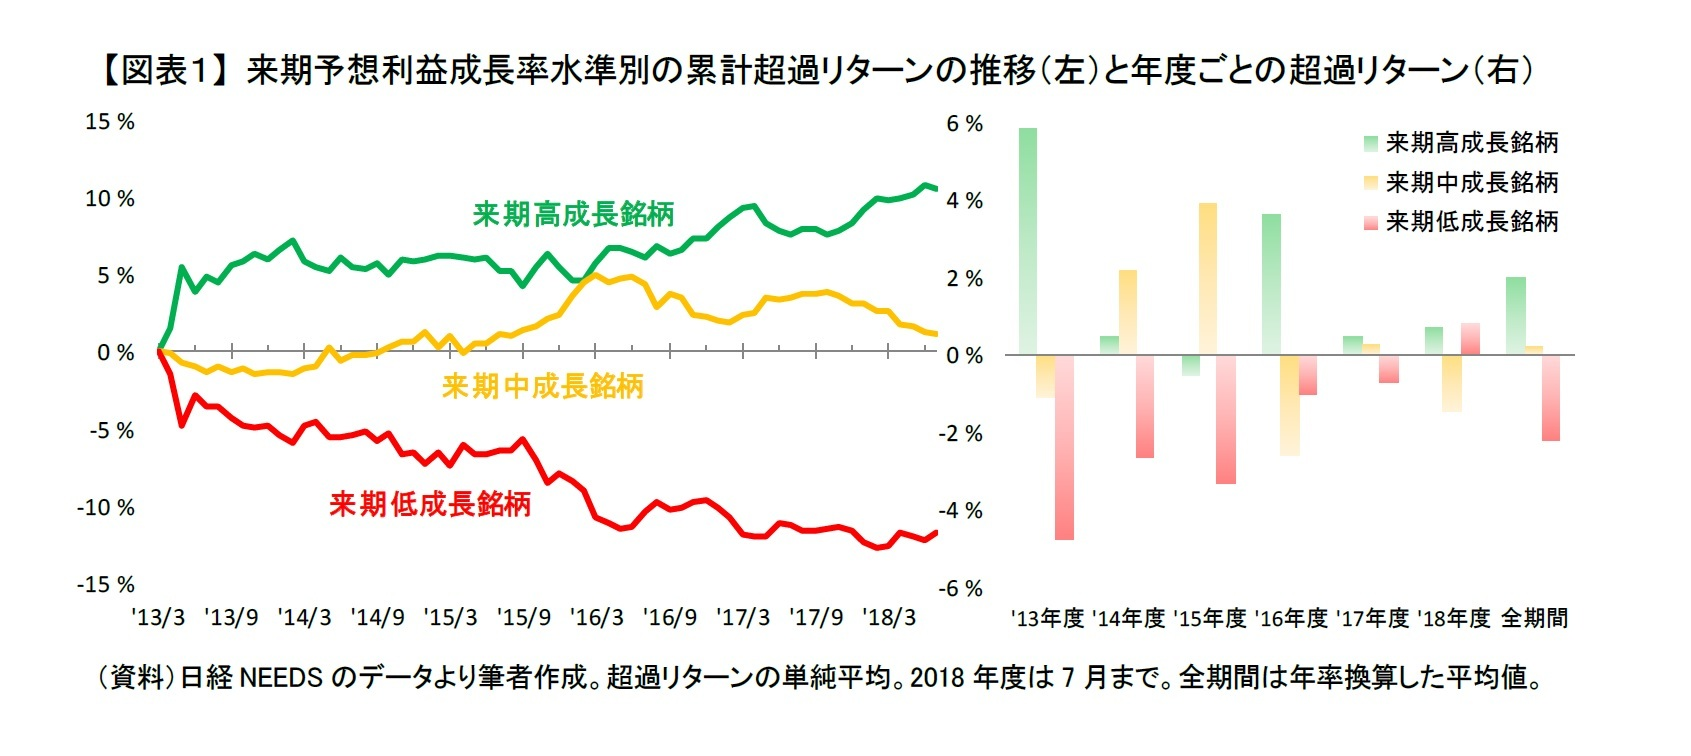 【図表1】 来期予想利益成長率水準別の累計超過リターンの推移(左)と年度ごとの超過リターン(右)